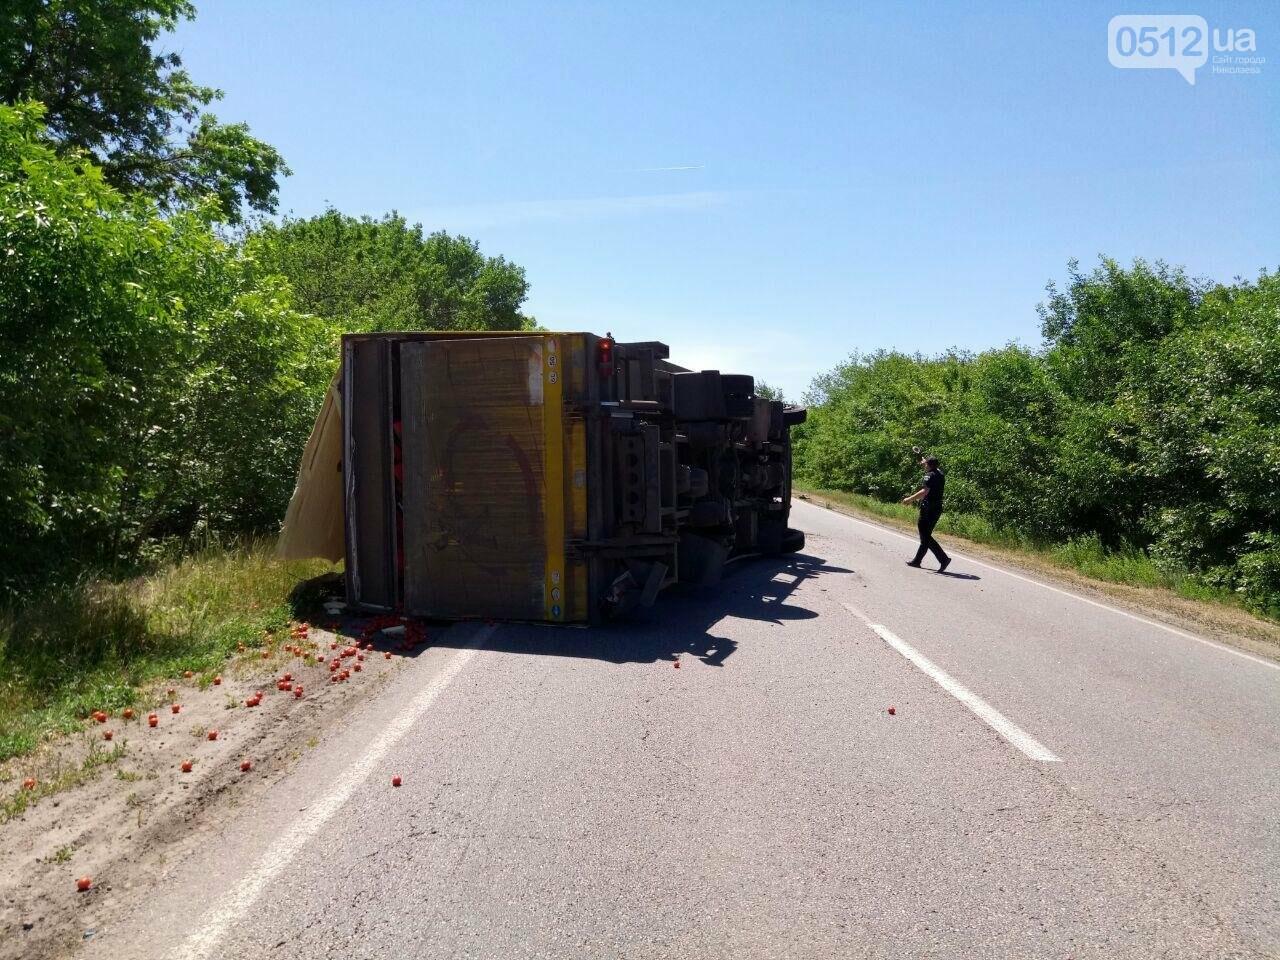 На трассе под Николаевом перевернулся грузовик с томатами, - ФОТО , фото-2